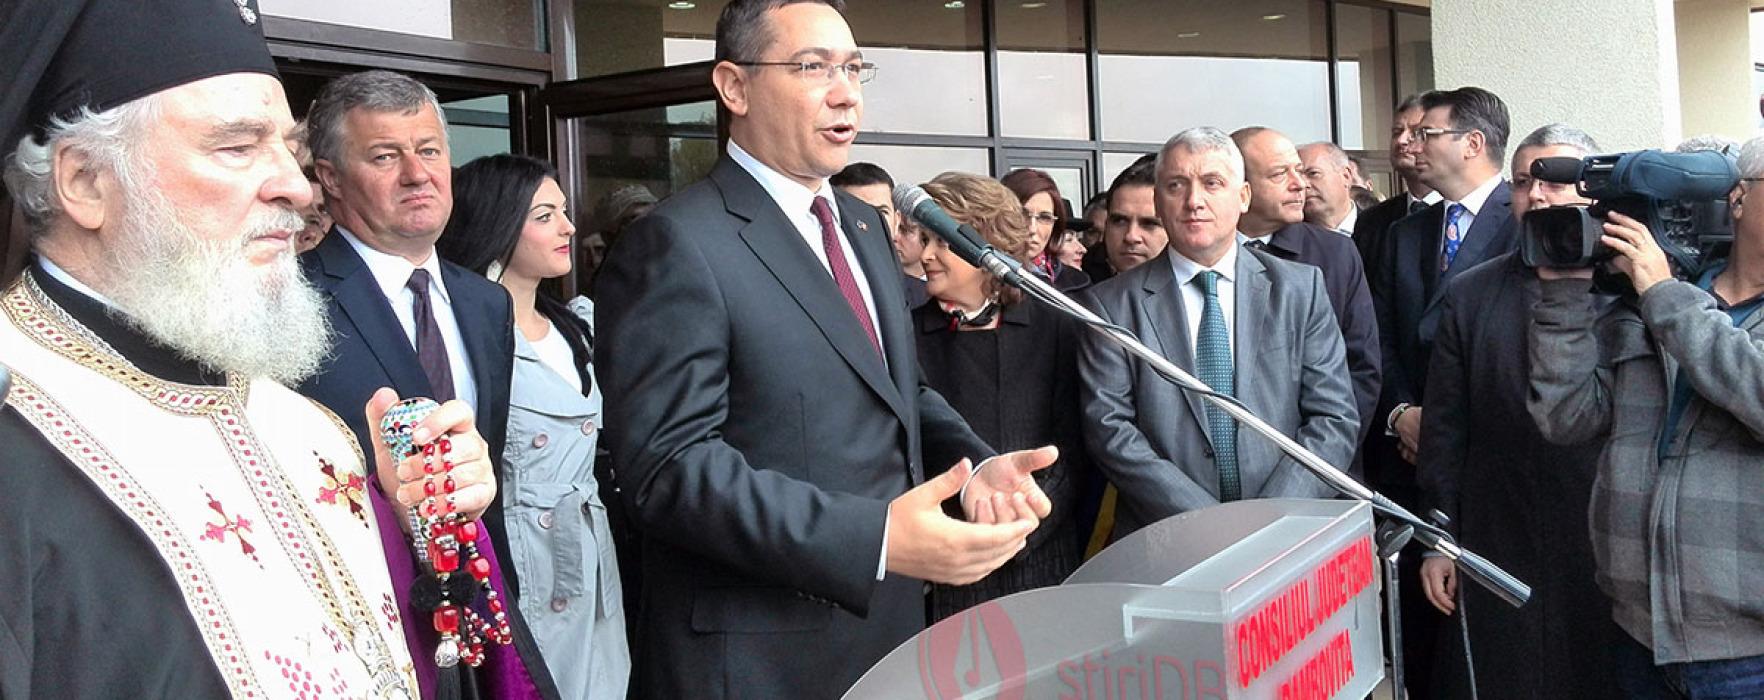 Inaugurarea sediul Institutului de Cercetare UVT; prezenţi premierul Ponta şi cinci miniştri